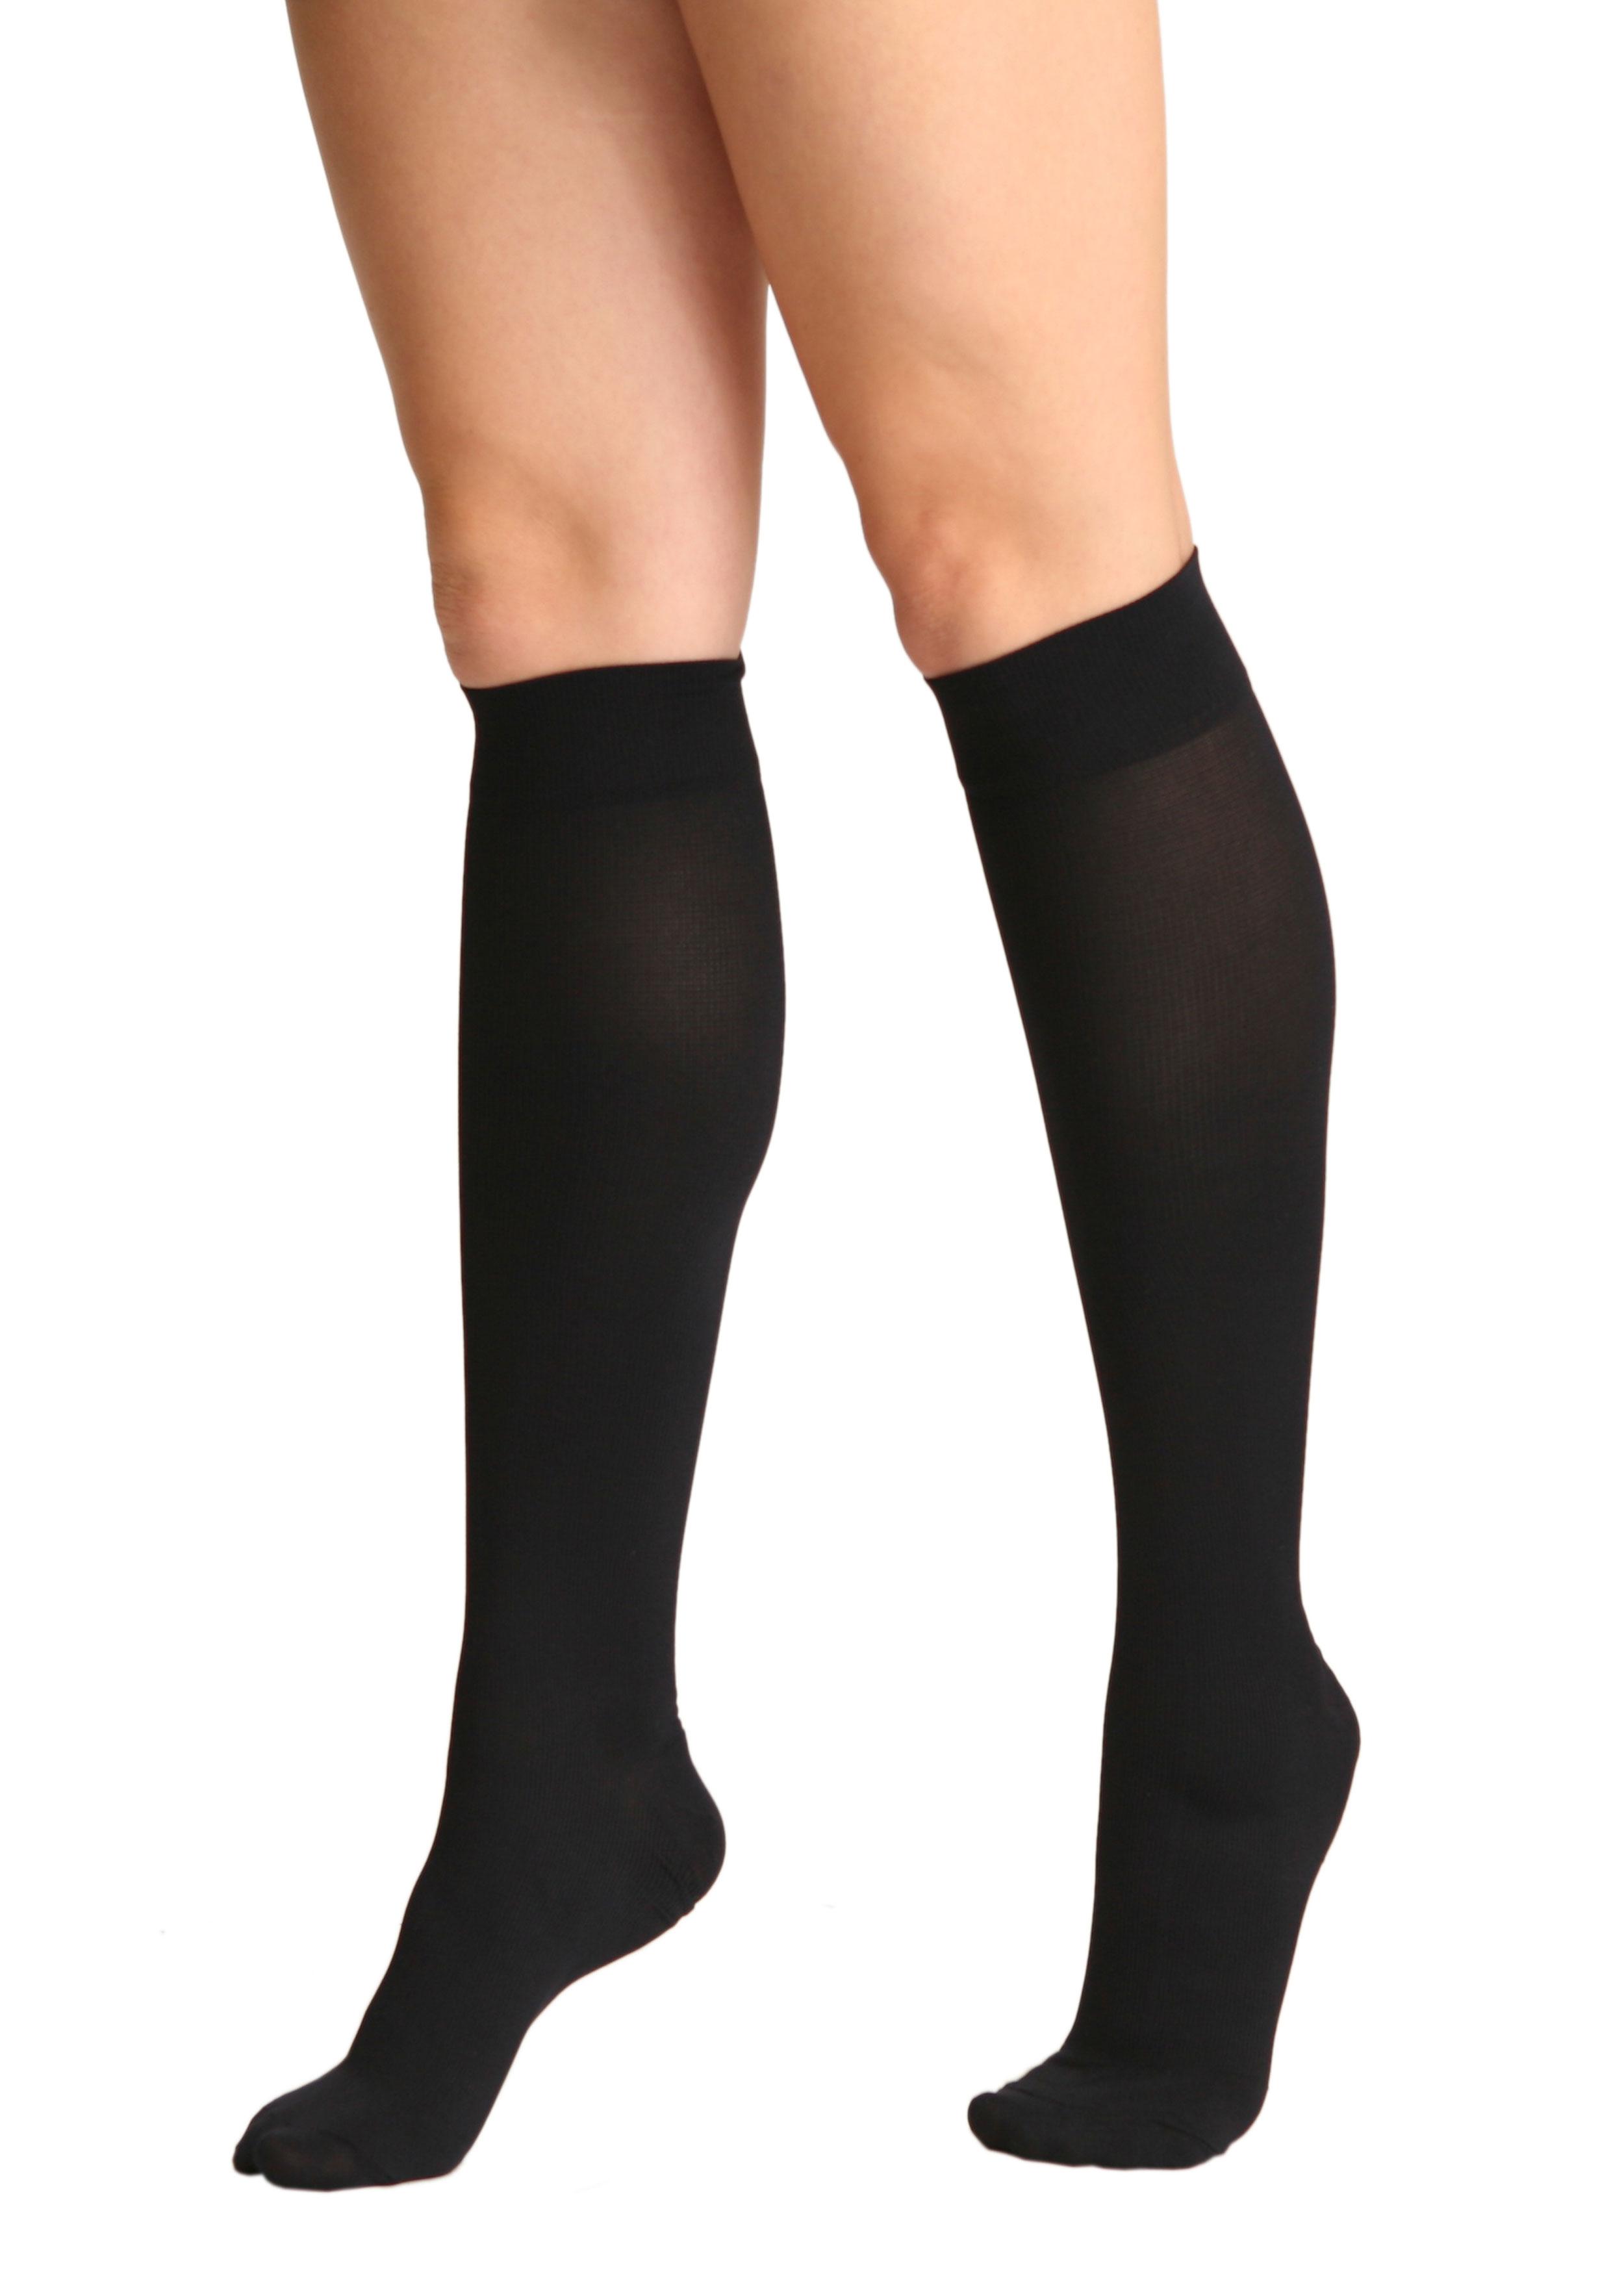 d64a6d0ae Silkies Compression Trouser Socks (15-20 mmHg)